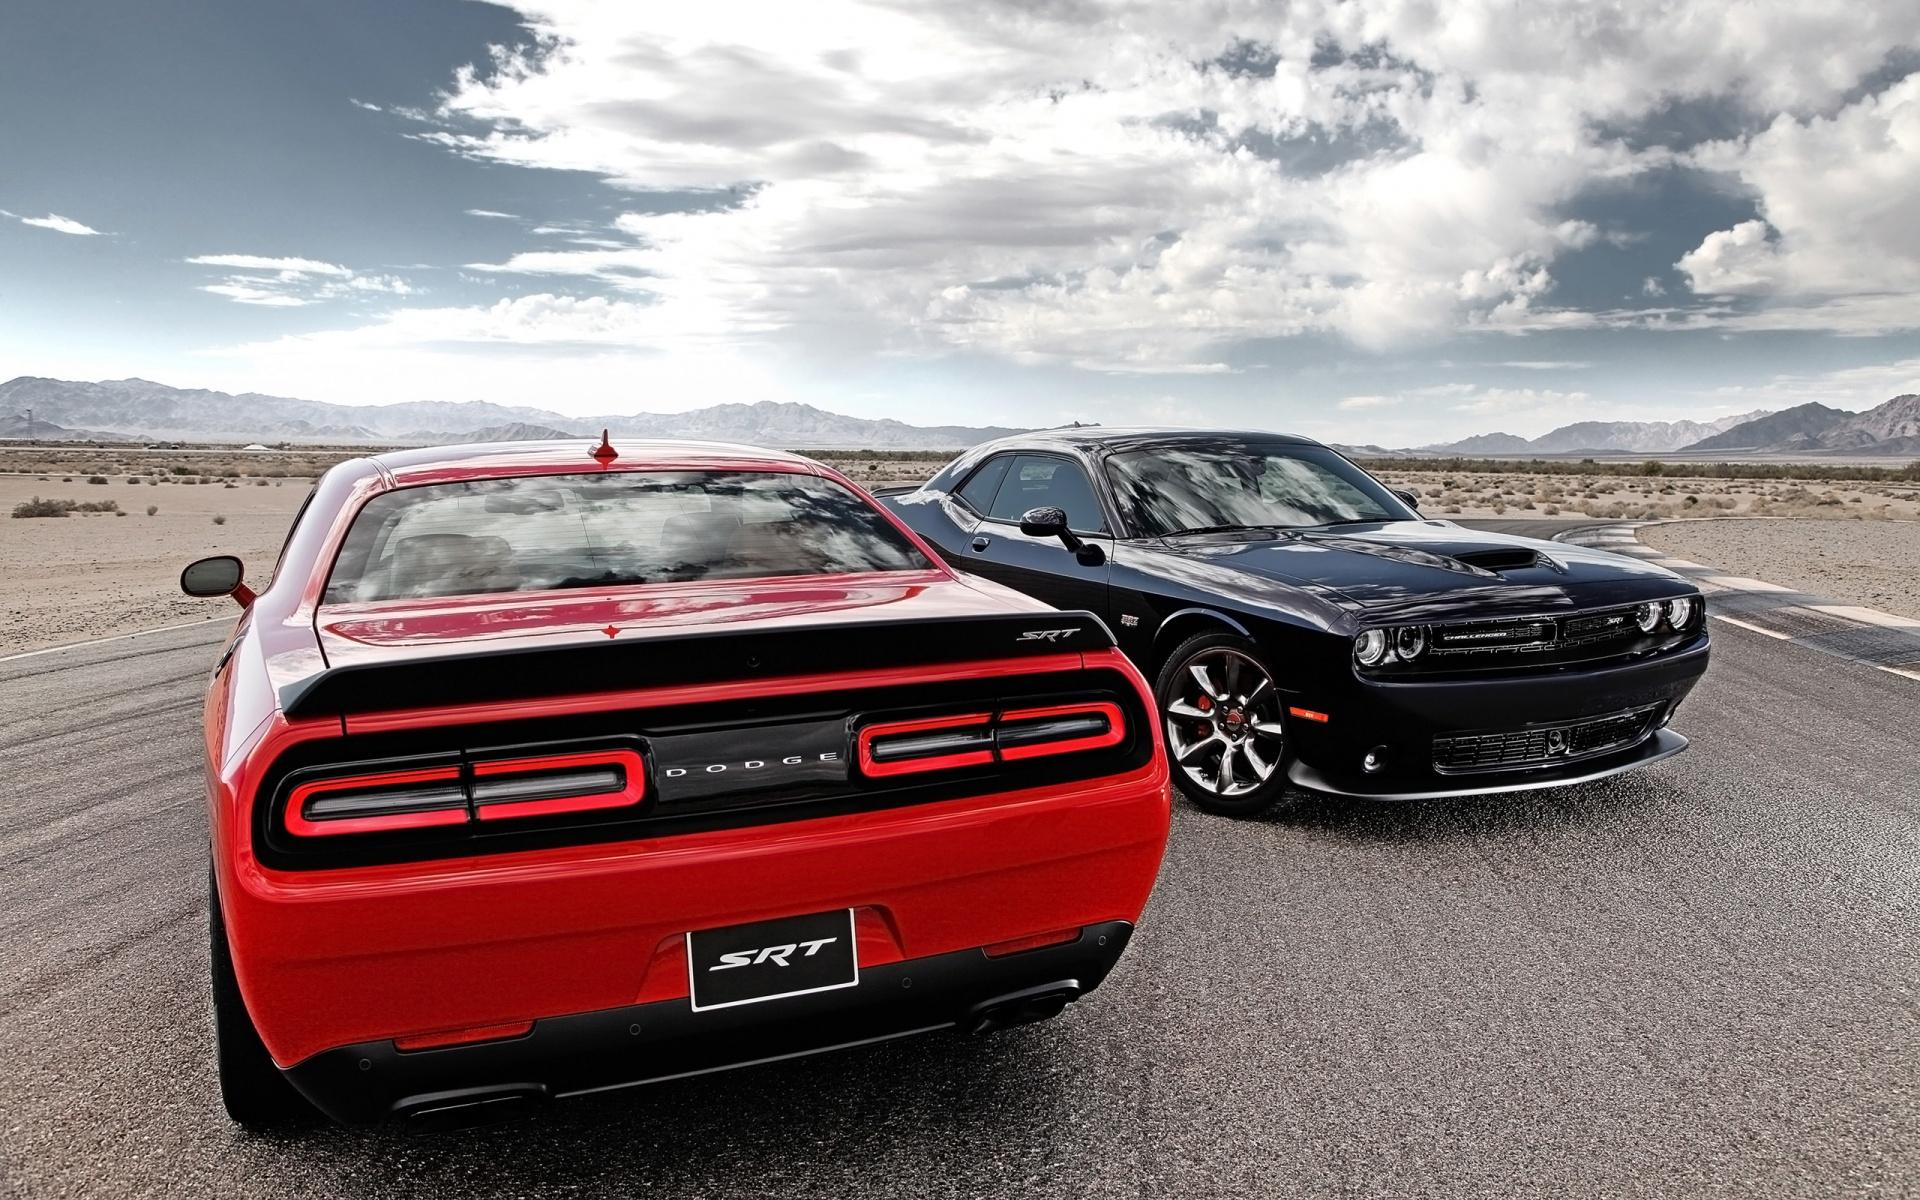 2015 Dodge Challenger SRT Cars Wallpaper HD Car Wallpapers 1920x1200